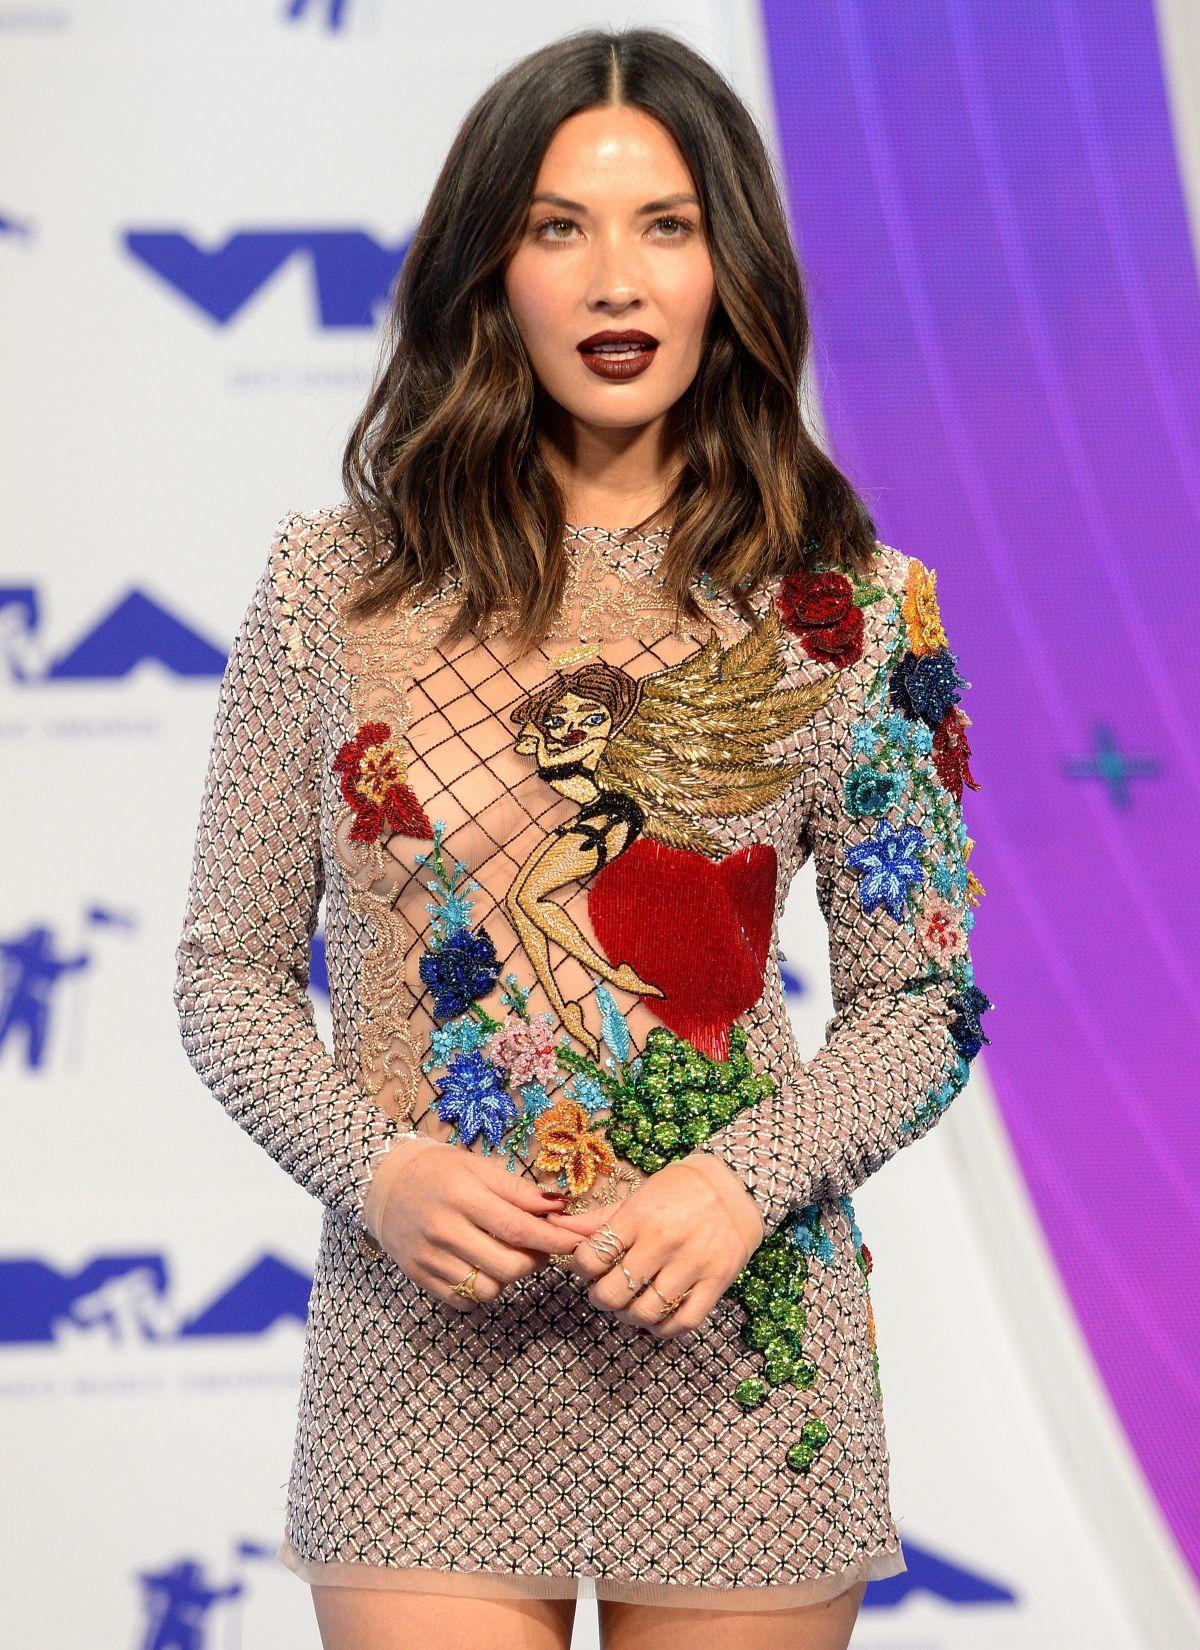 OLIVIA MUNN at 2017 MTV Video Music Awards in Los Angeles 08/27/2017